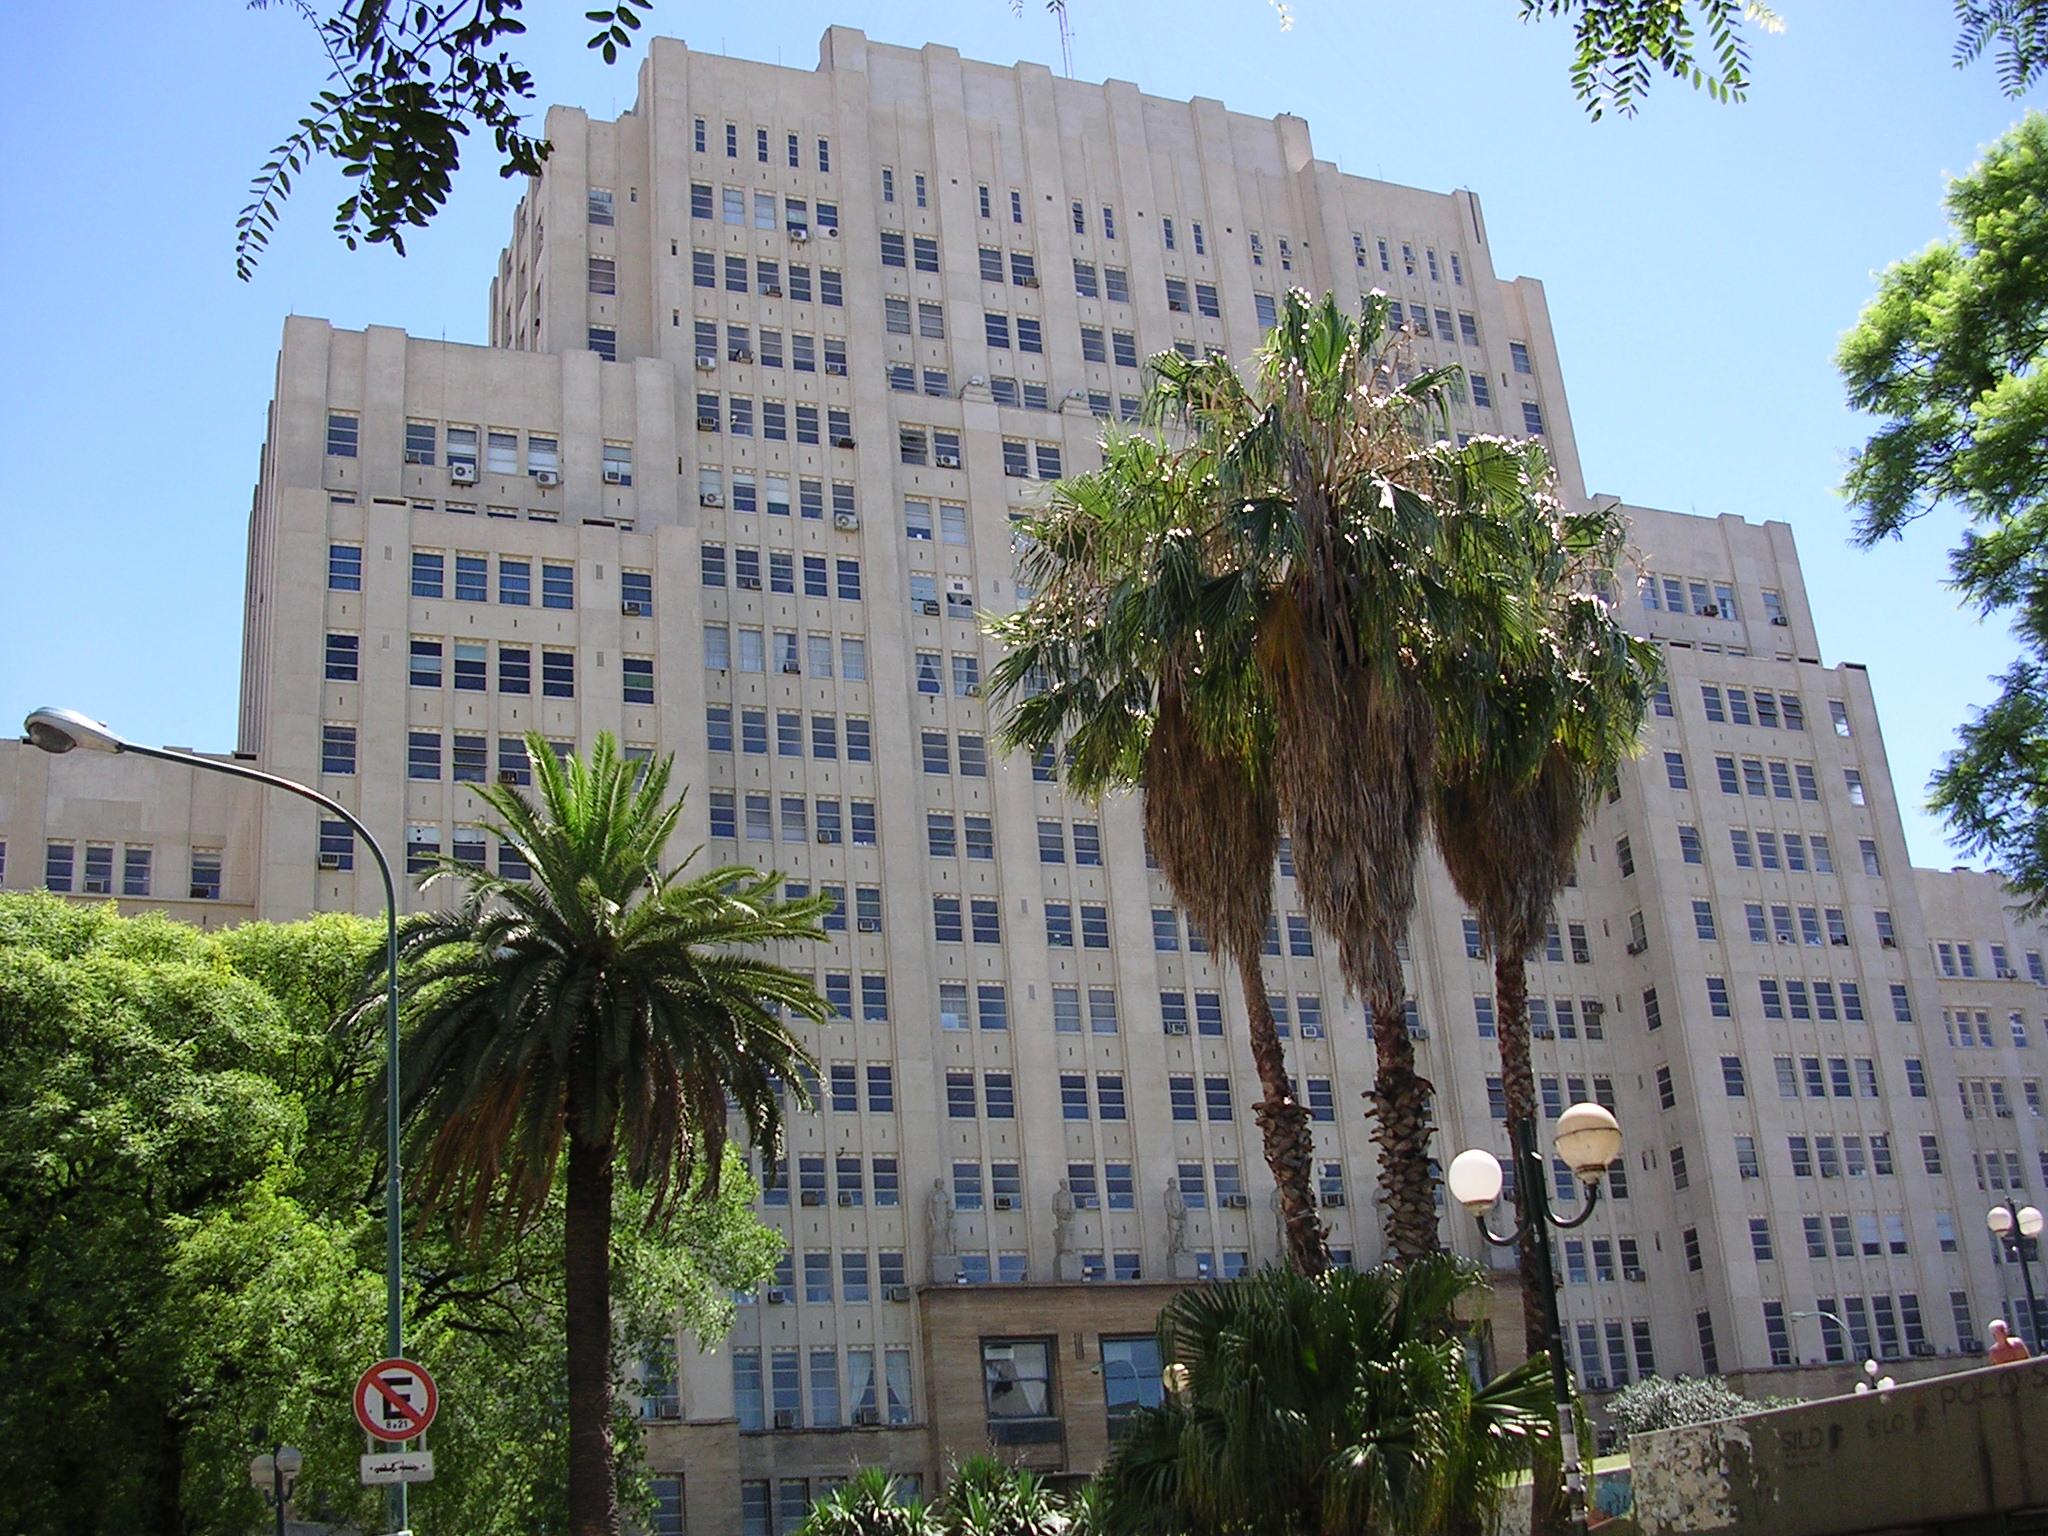 Facultad De Medicina  UBA Image: ¿Es Usted Egresado De Medicina UBA En 1960?